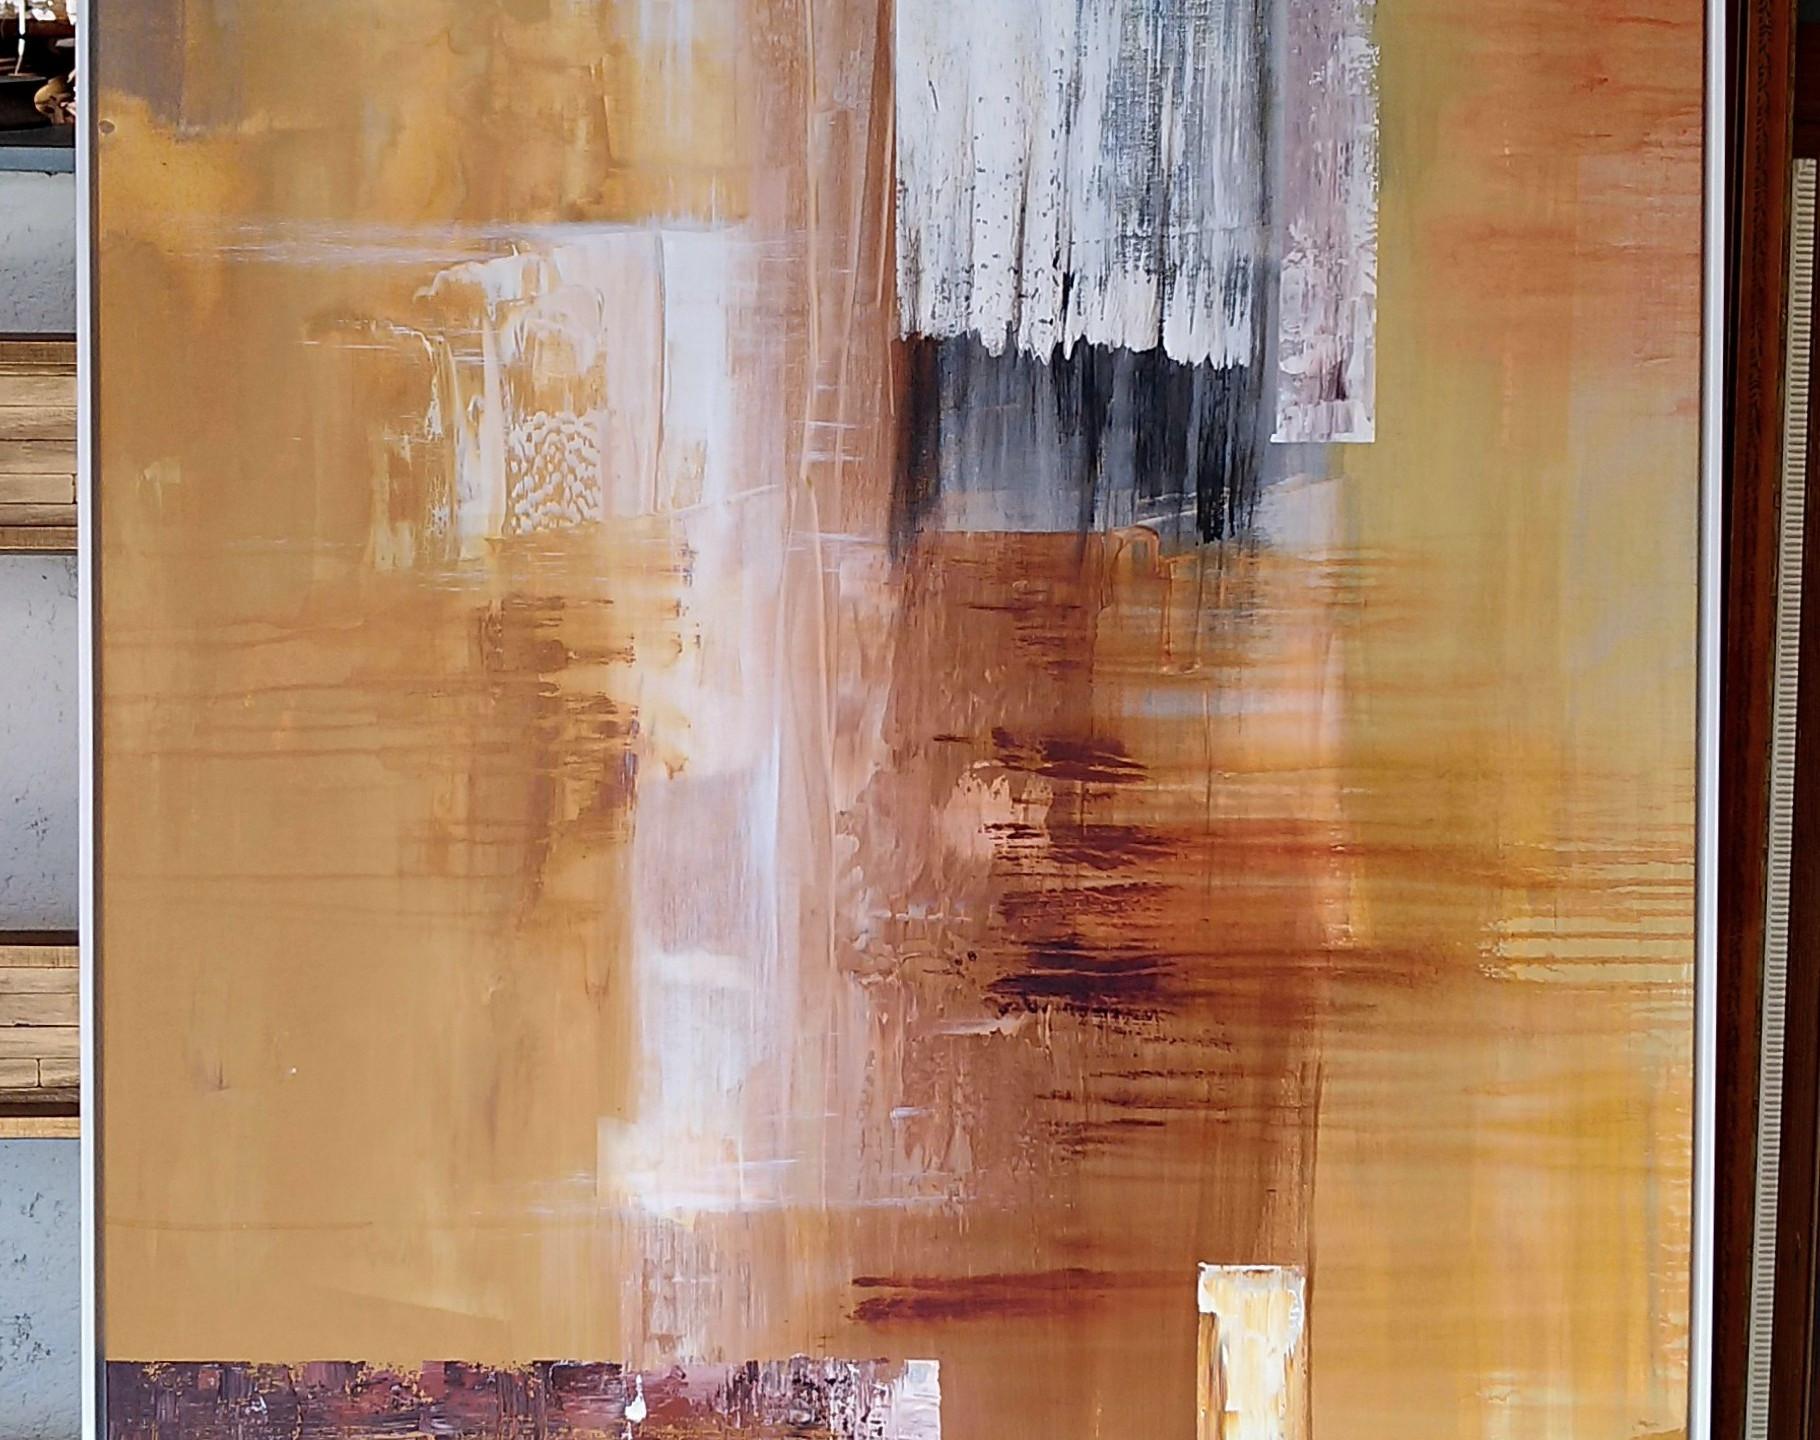 quadros abstratos na vertical (6)